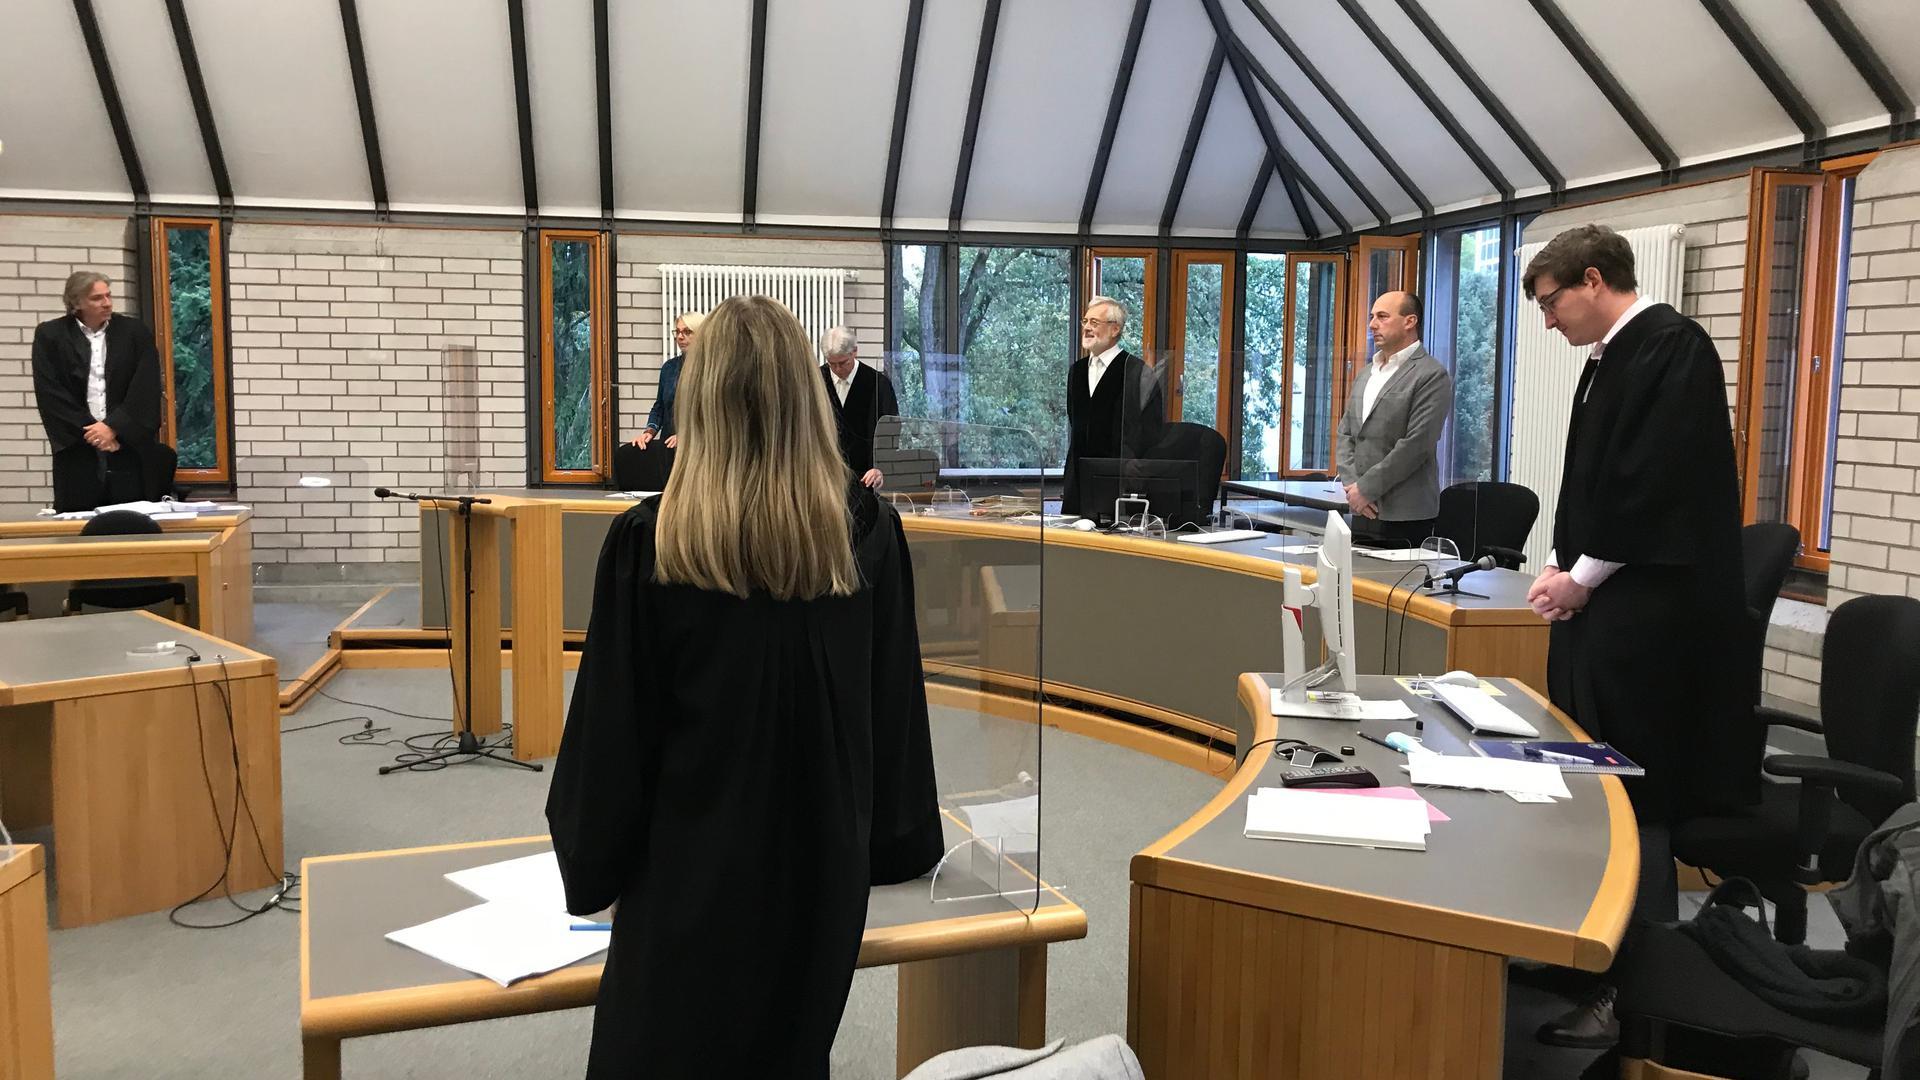 Die Große Kammer am Landgericht Baden-Baden unter Vorsitz von Richter Wolfgang Fischer beschäftigt sich mit der mühsamen Wahrheitsfindung.